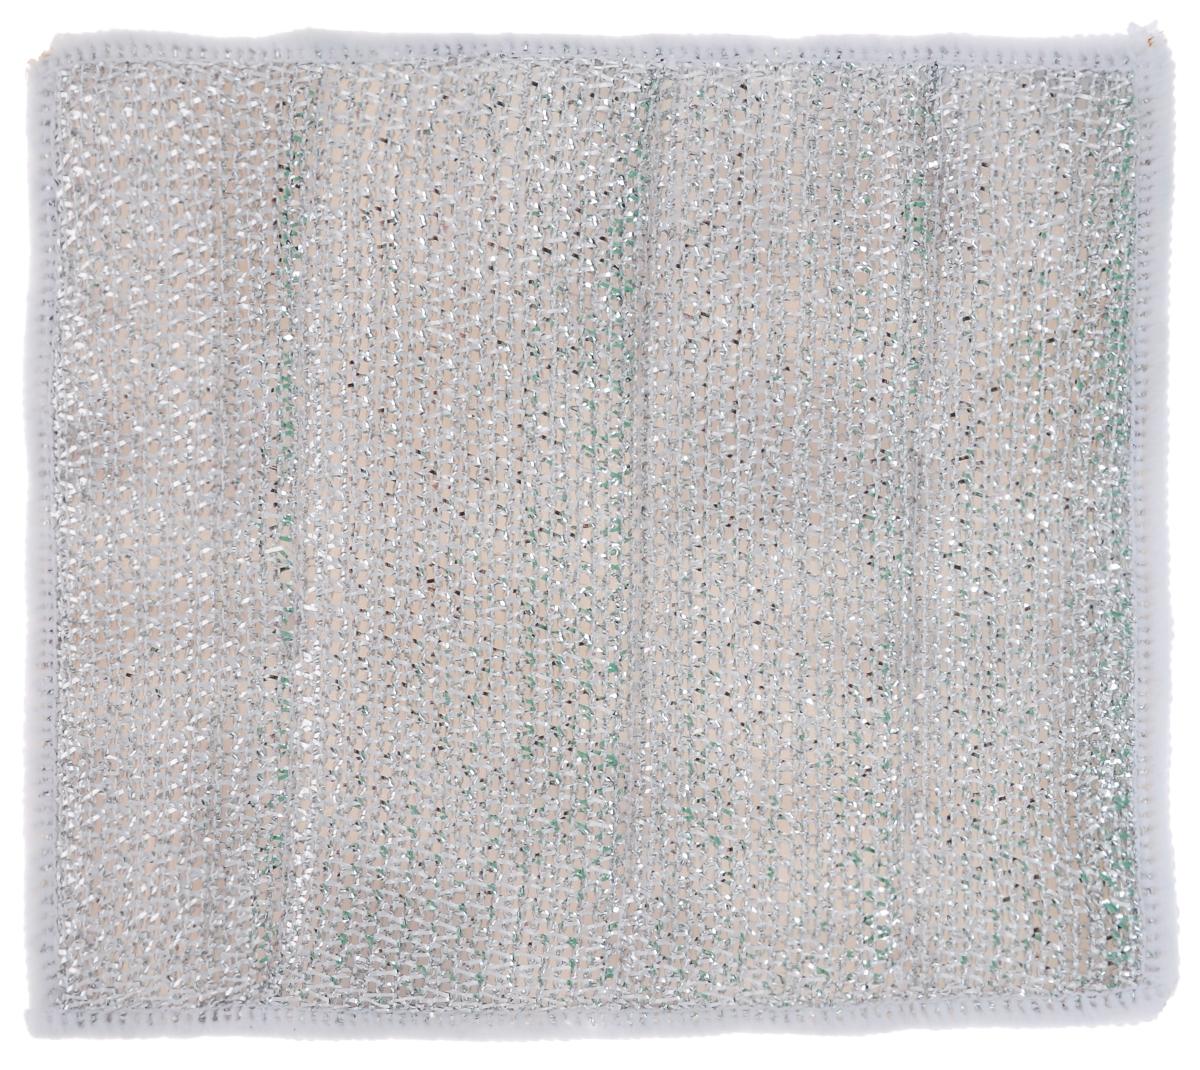 Салфетка для стеклокерамических плит Хозяюшка Мила, цвет: серебристый, белый, 21 х 17 см салфетка бытовая хозяюшка мила 04001 мила 04001